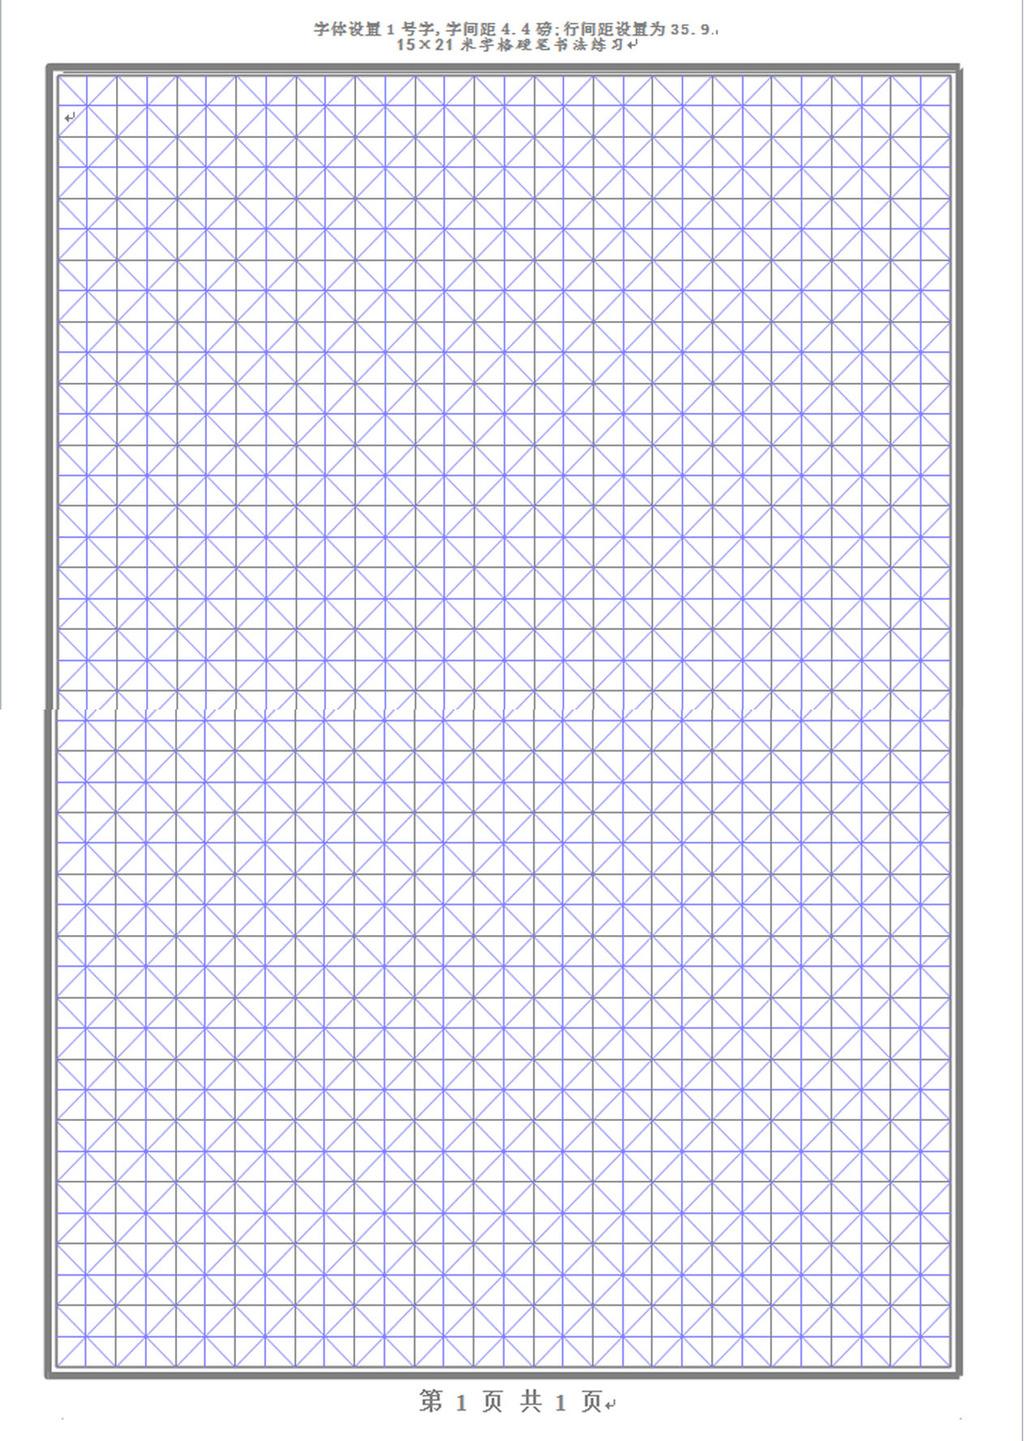 米字格字帖信纸背景模板下载(图片编号:12230901)